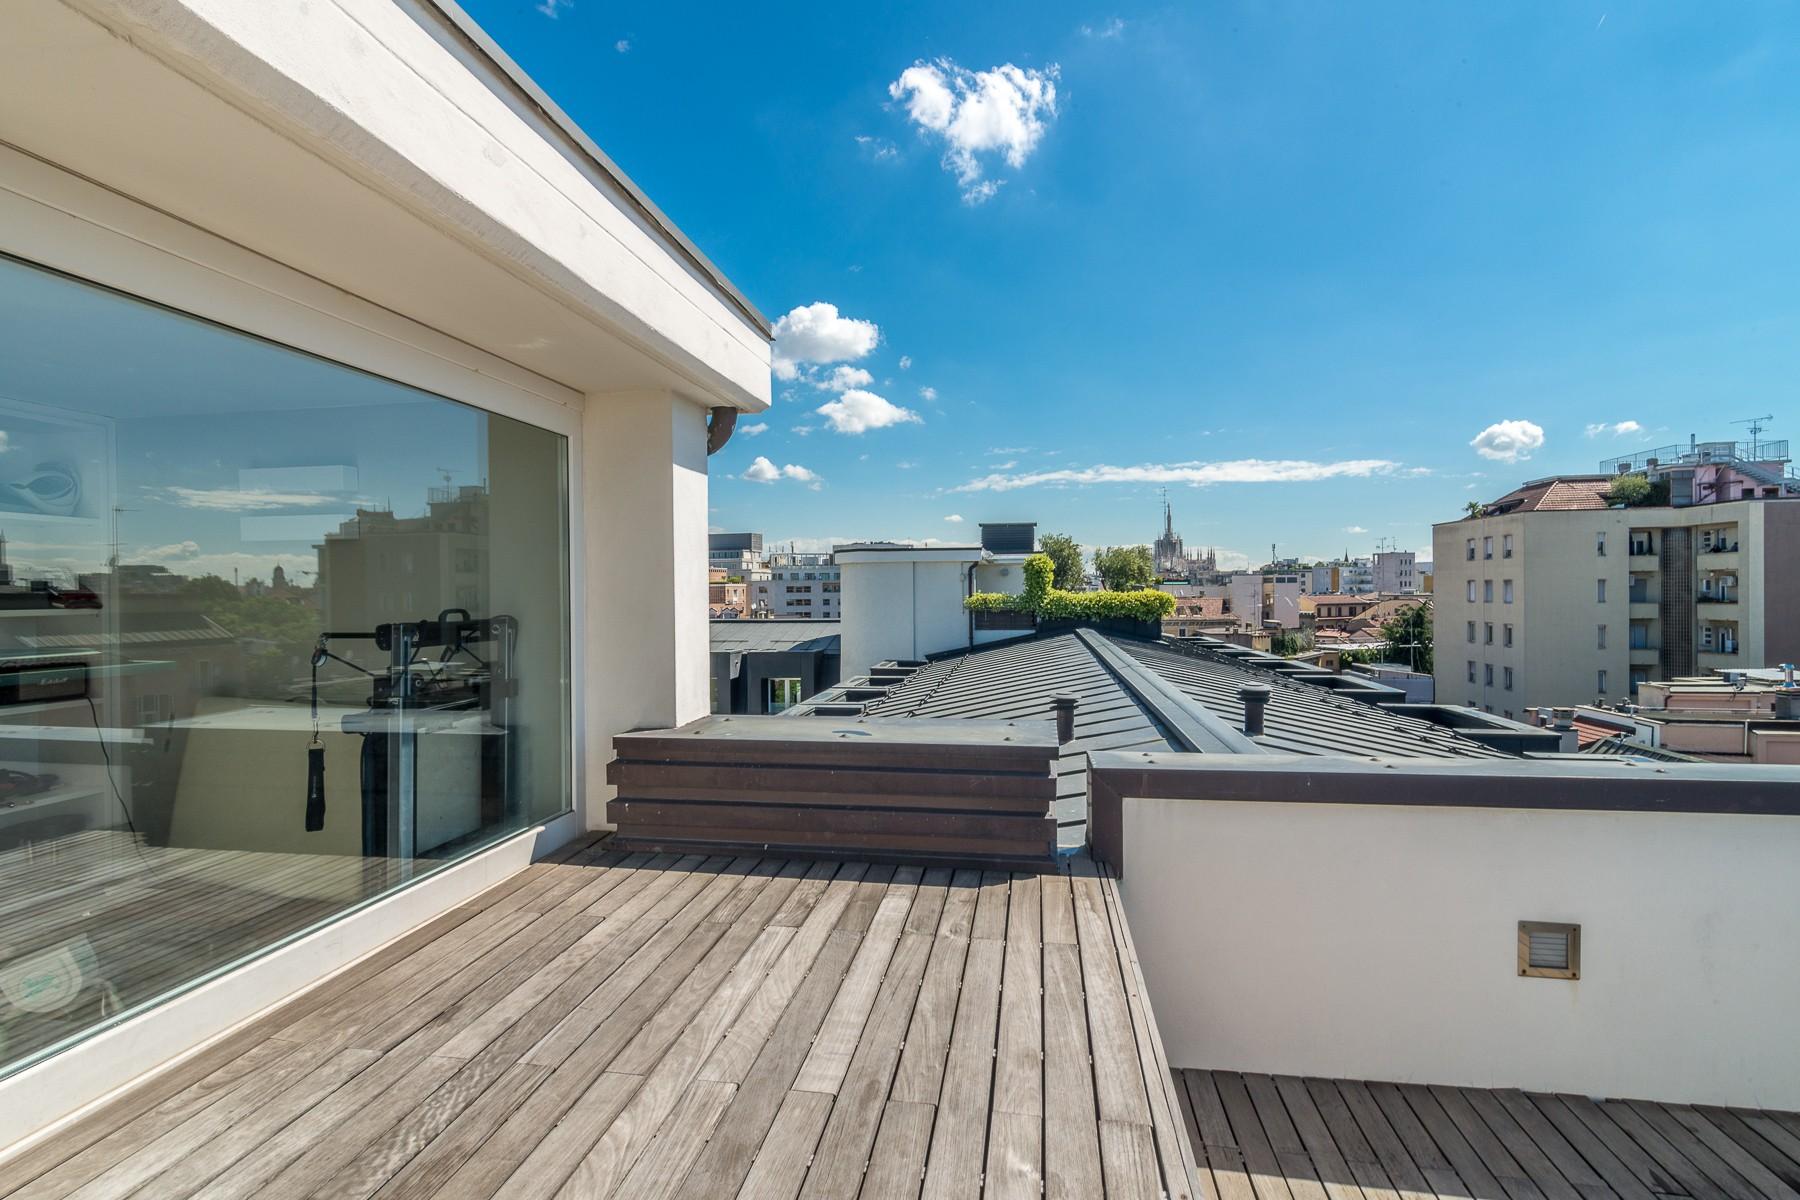 Appartamento in Vendita a Milano via privata maria teresa